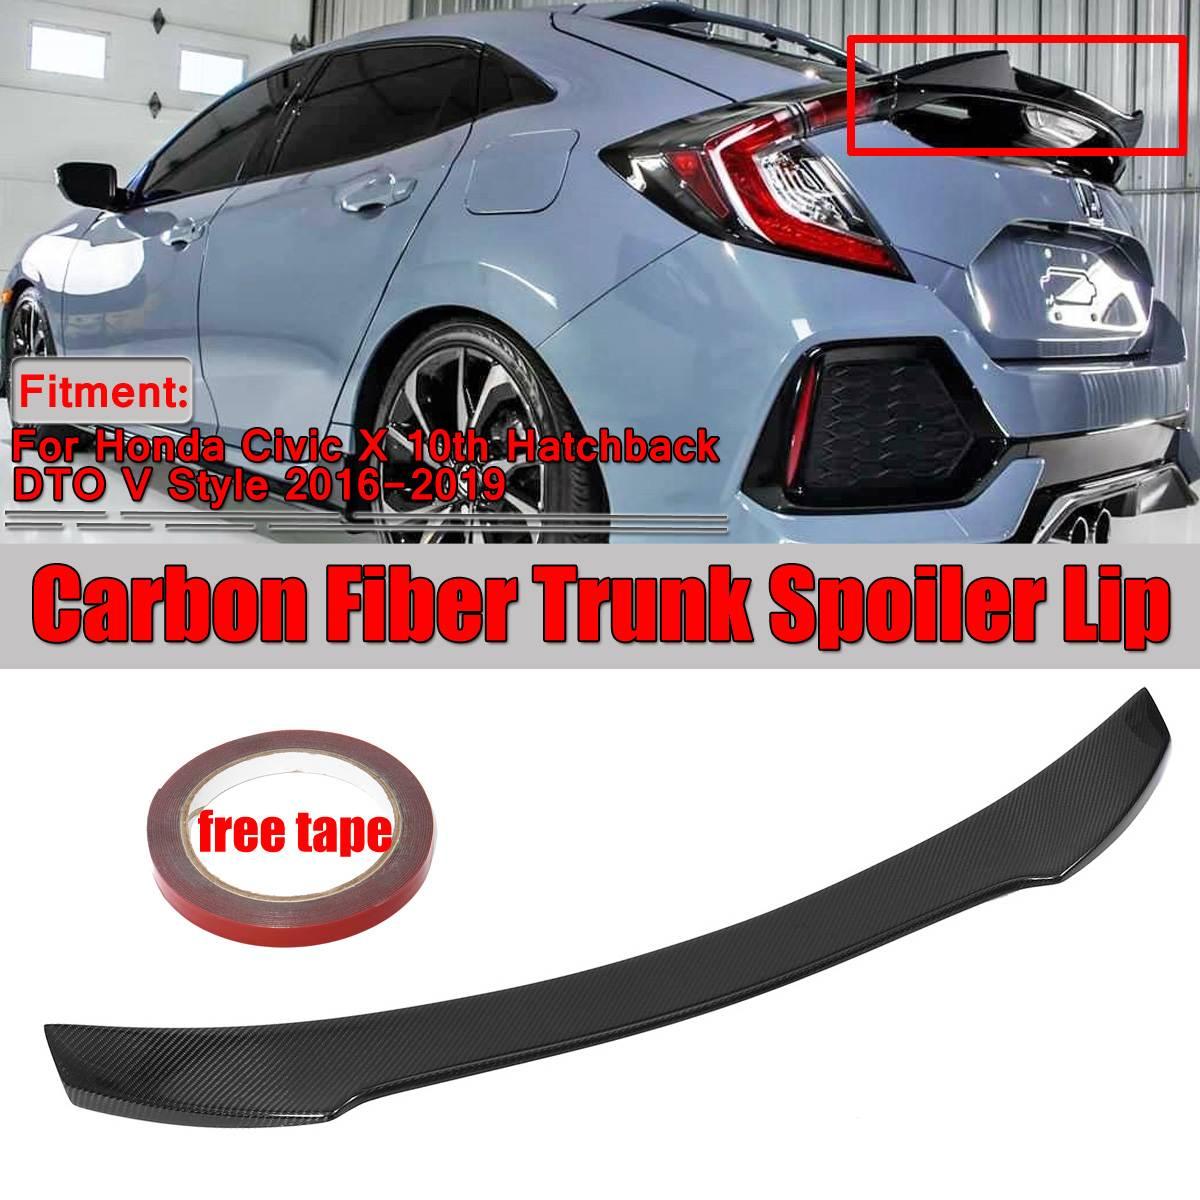 1xReal fibre de carbone voiture coffre arrière toit aileron aile lèvre pour Honda pour Civic X 10th hayon DTO V Style 2016-2019 aile Sopiler